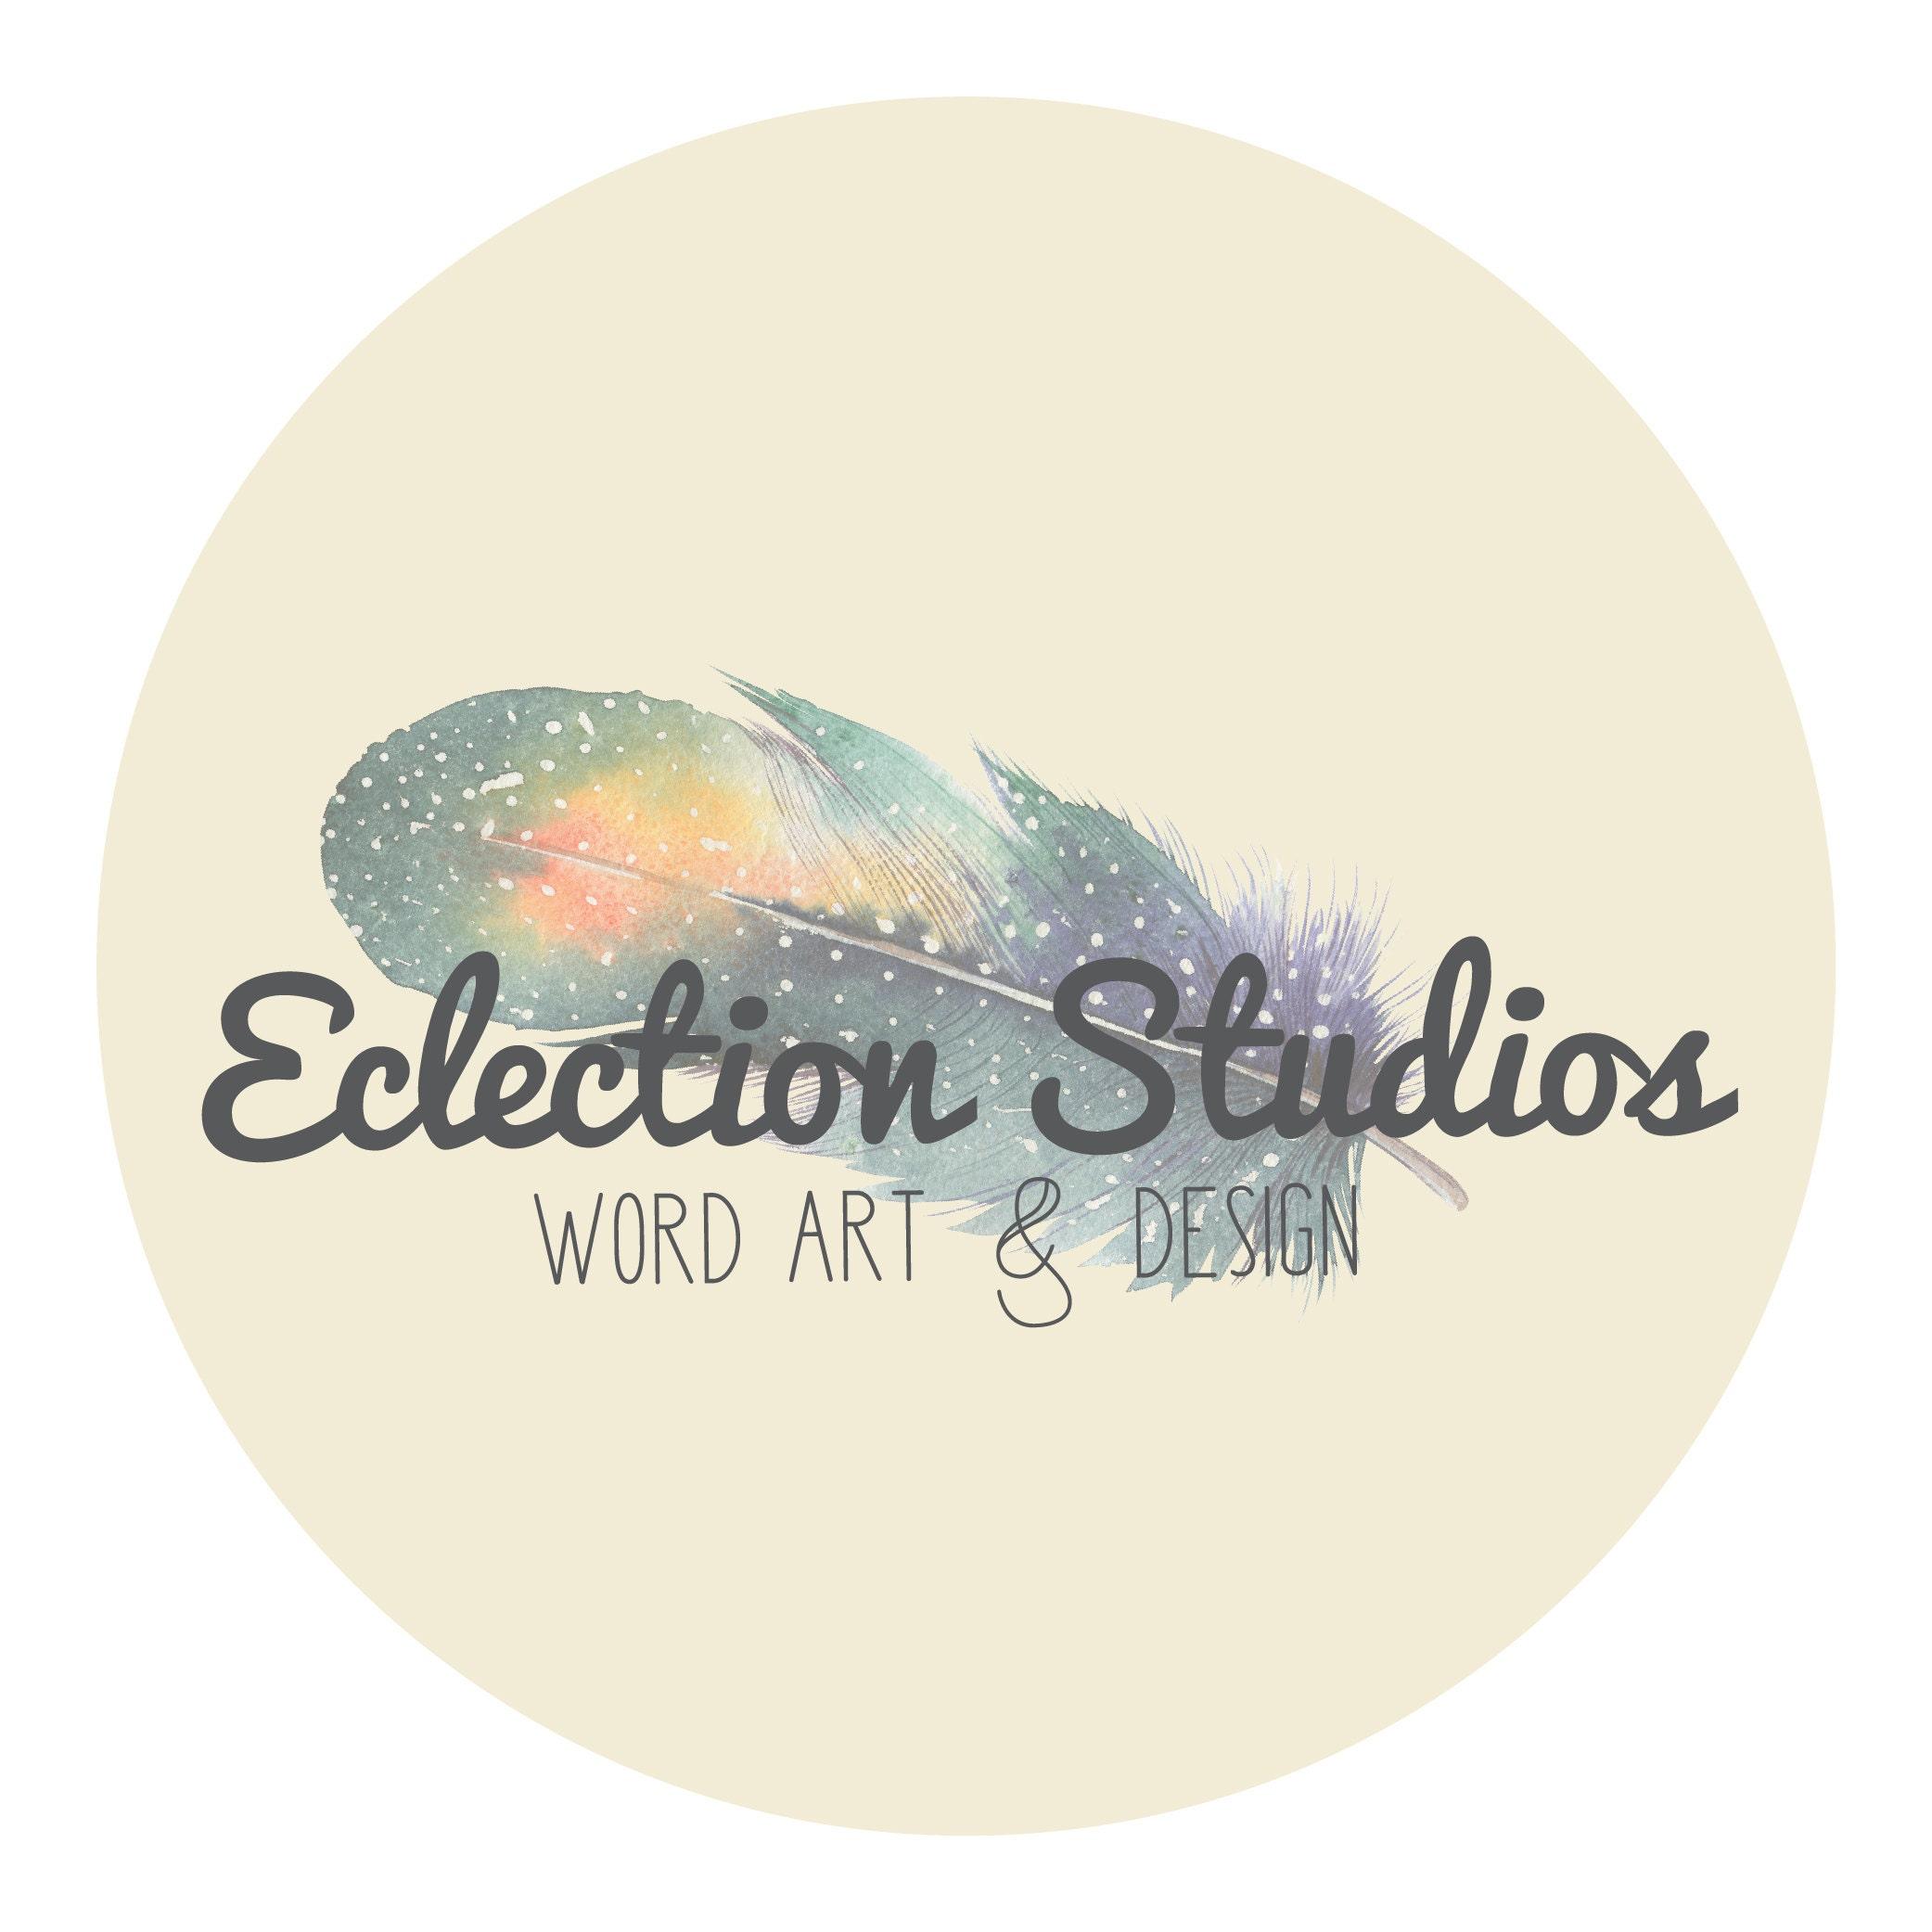 EclectionStudios